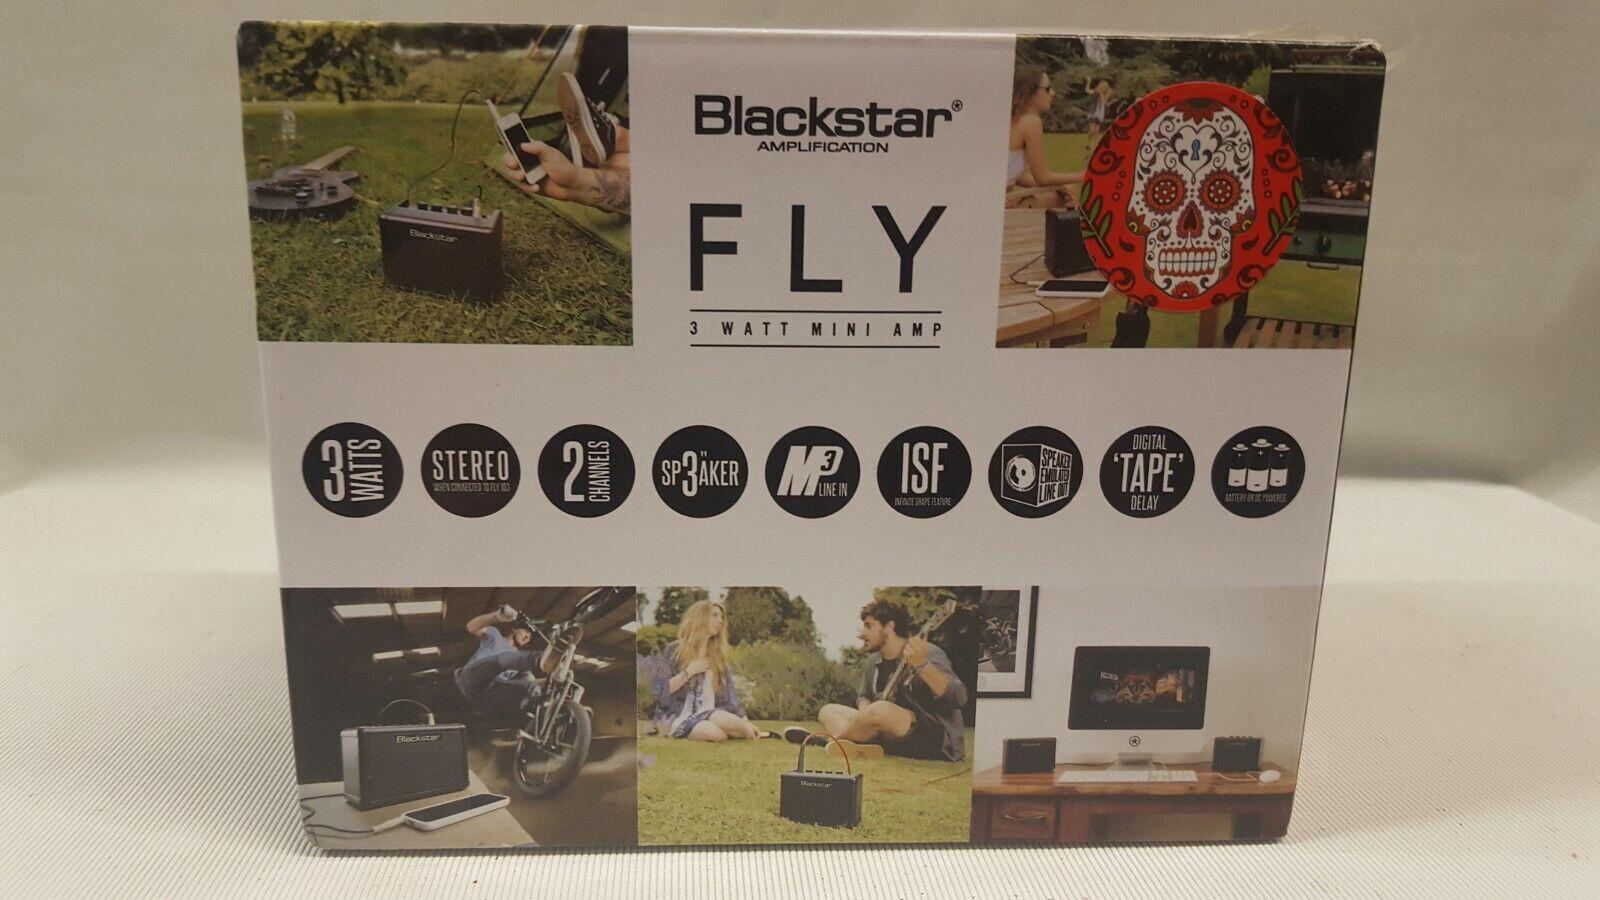 Blackstar Fly 3 Sugar Skull Mini Amp Limited Edition v2 FAST FREE POST